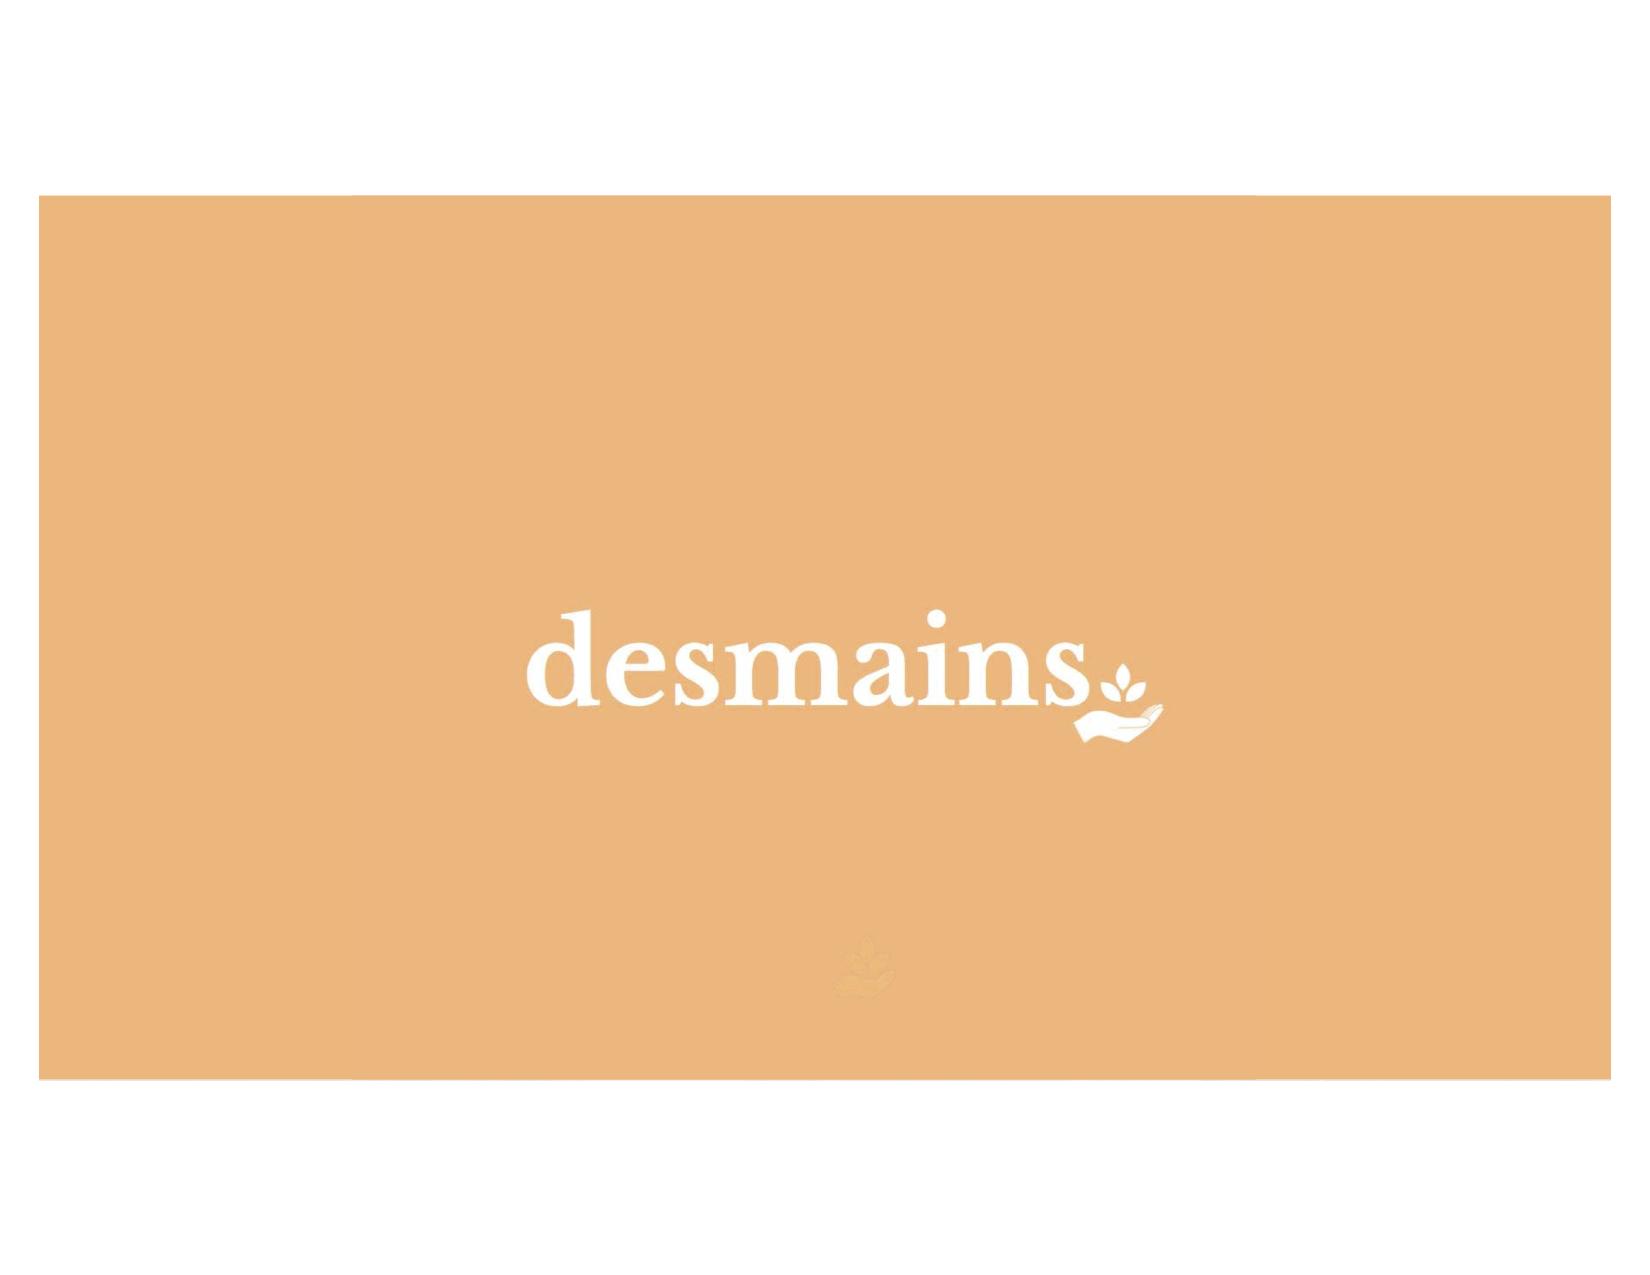 Desmains1.png